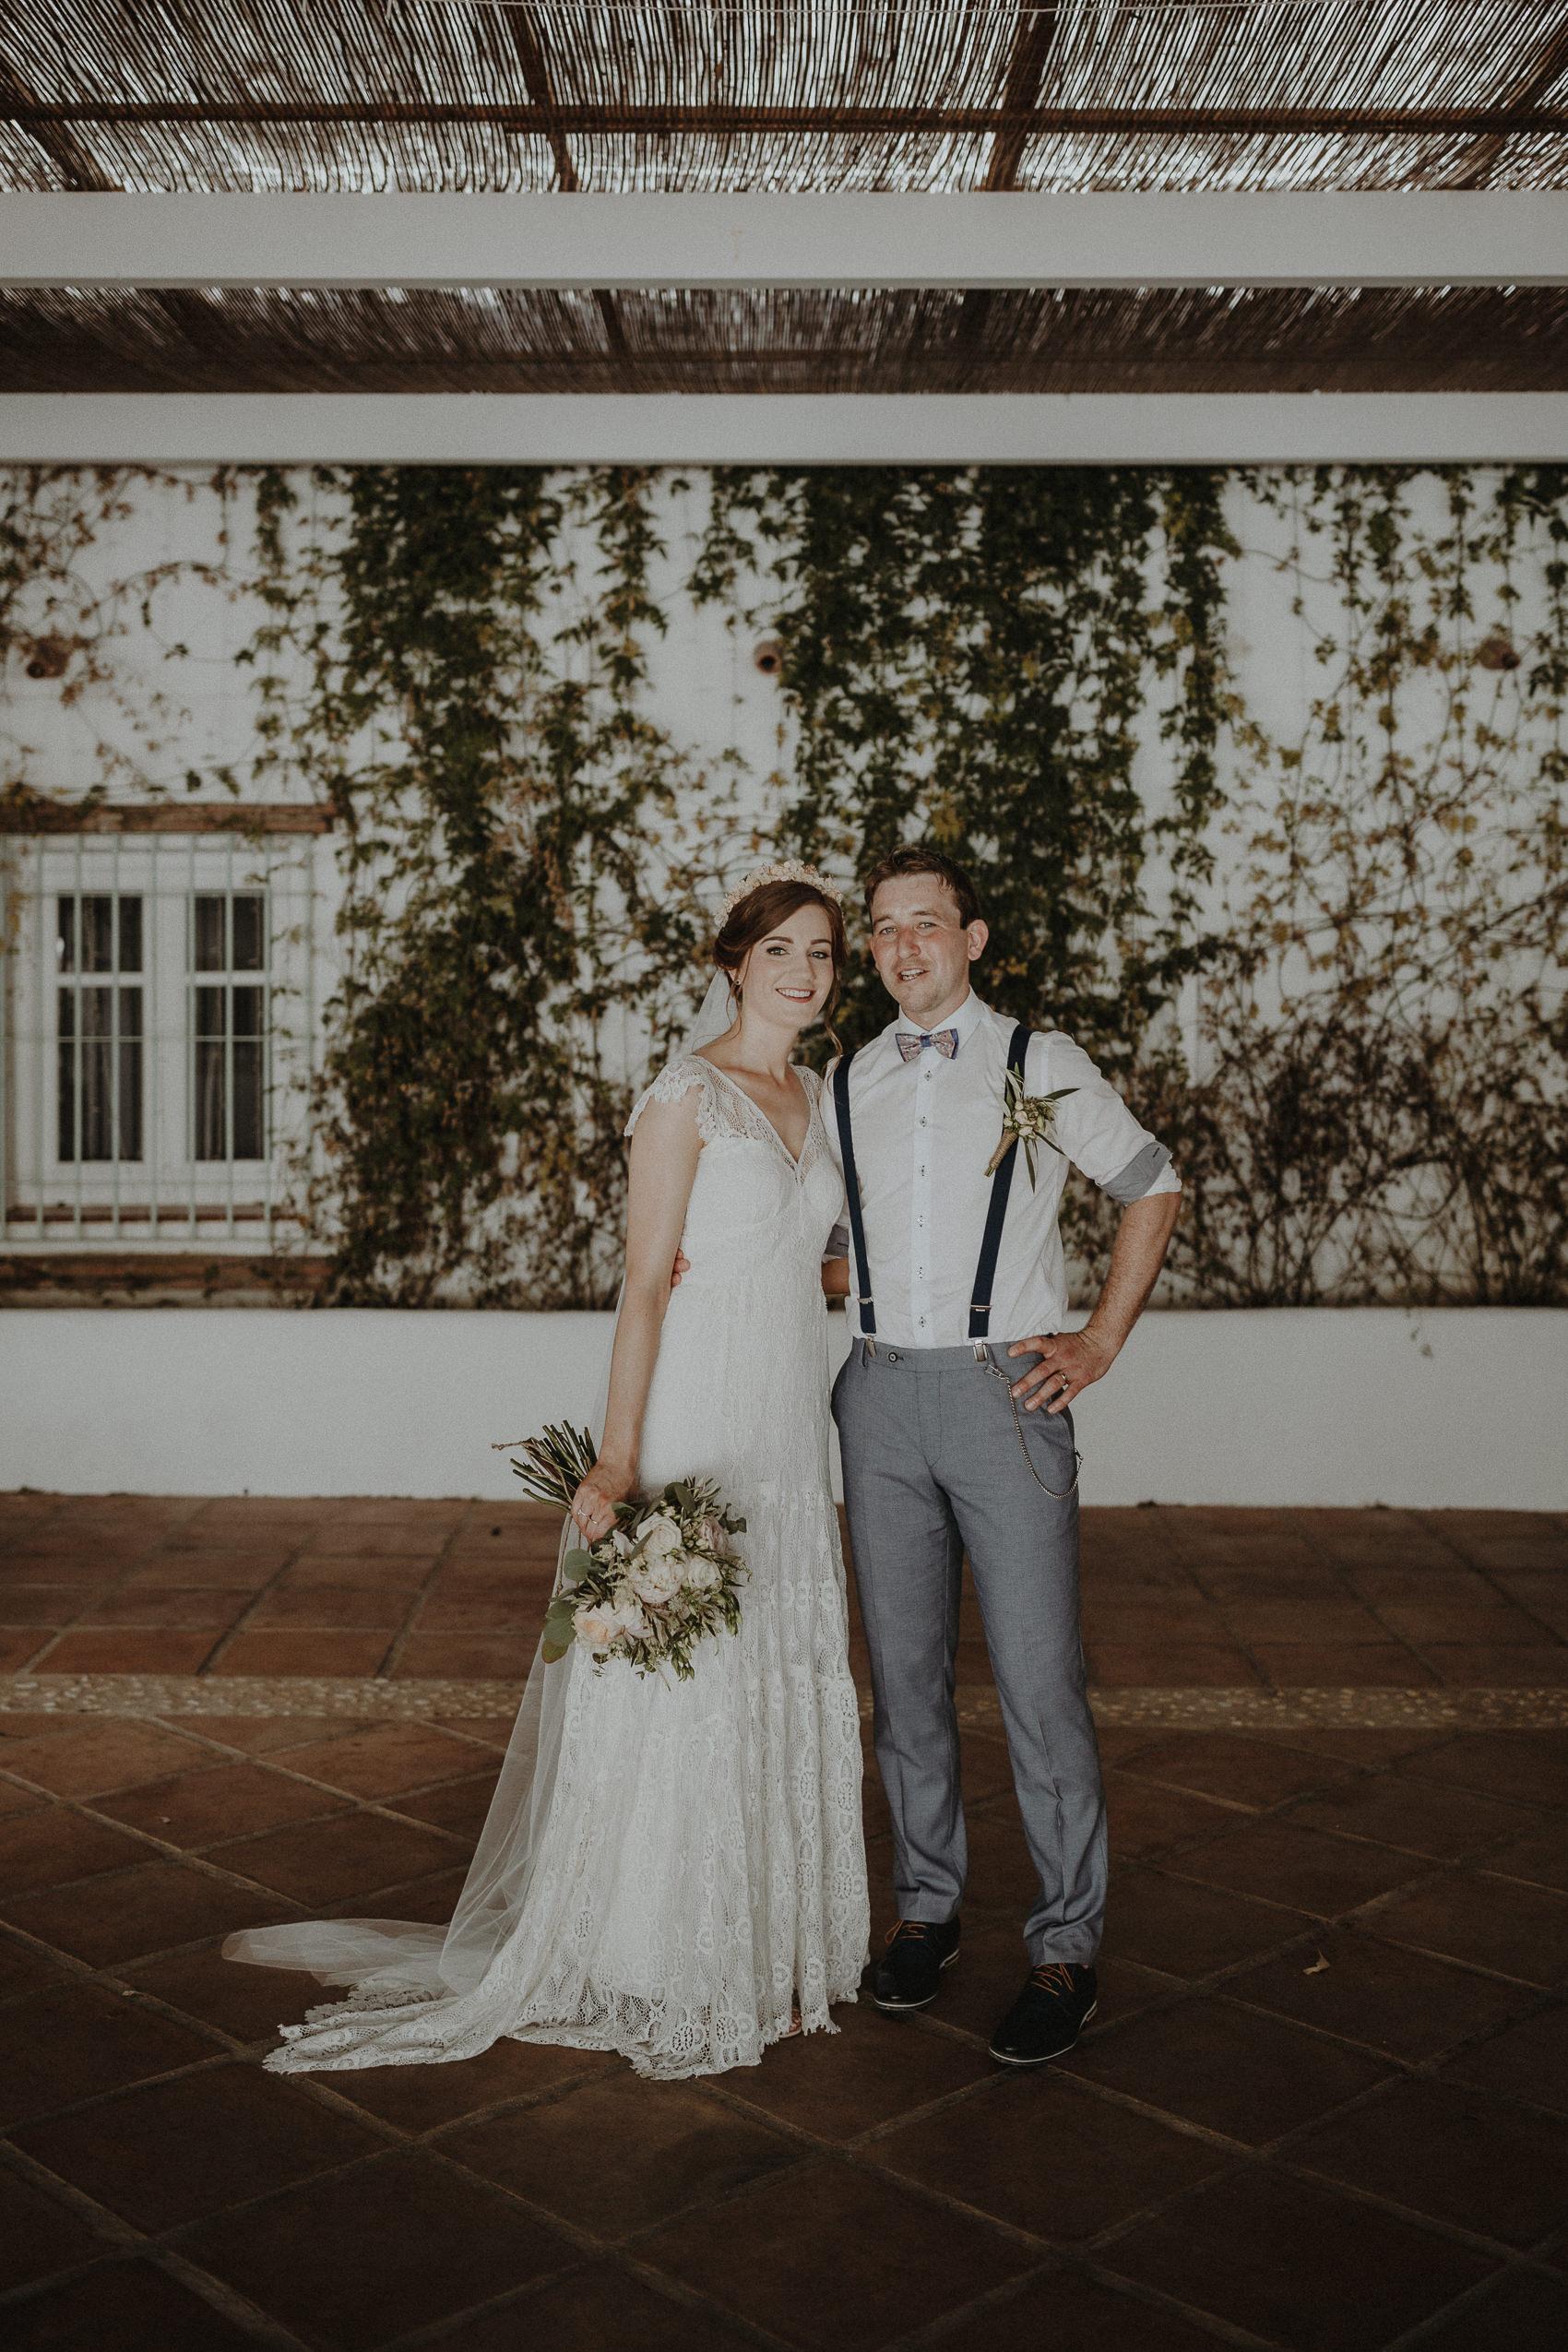 Sarah & Bill | Summer wedding at Cortijo Rosa Blanca | Marbella - Spain 97